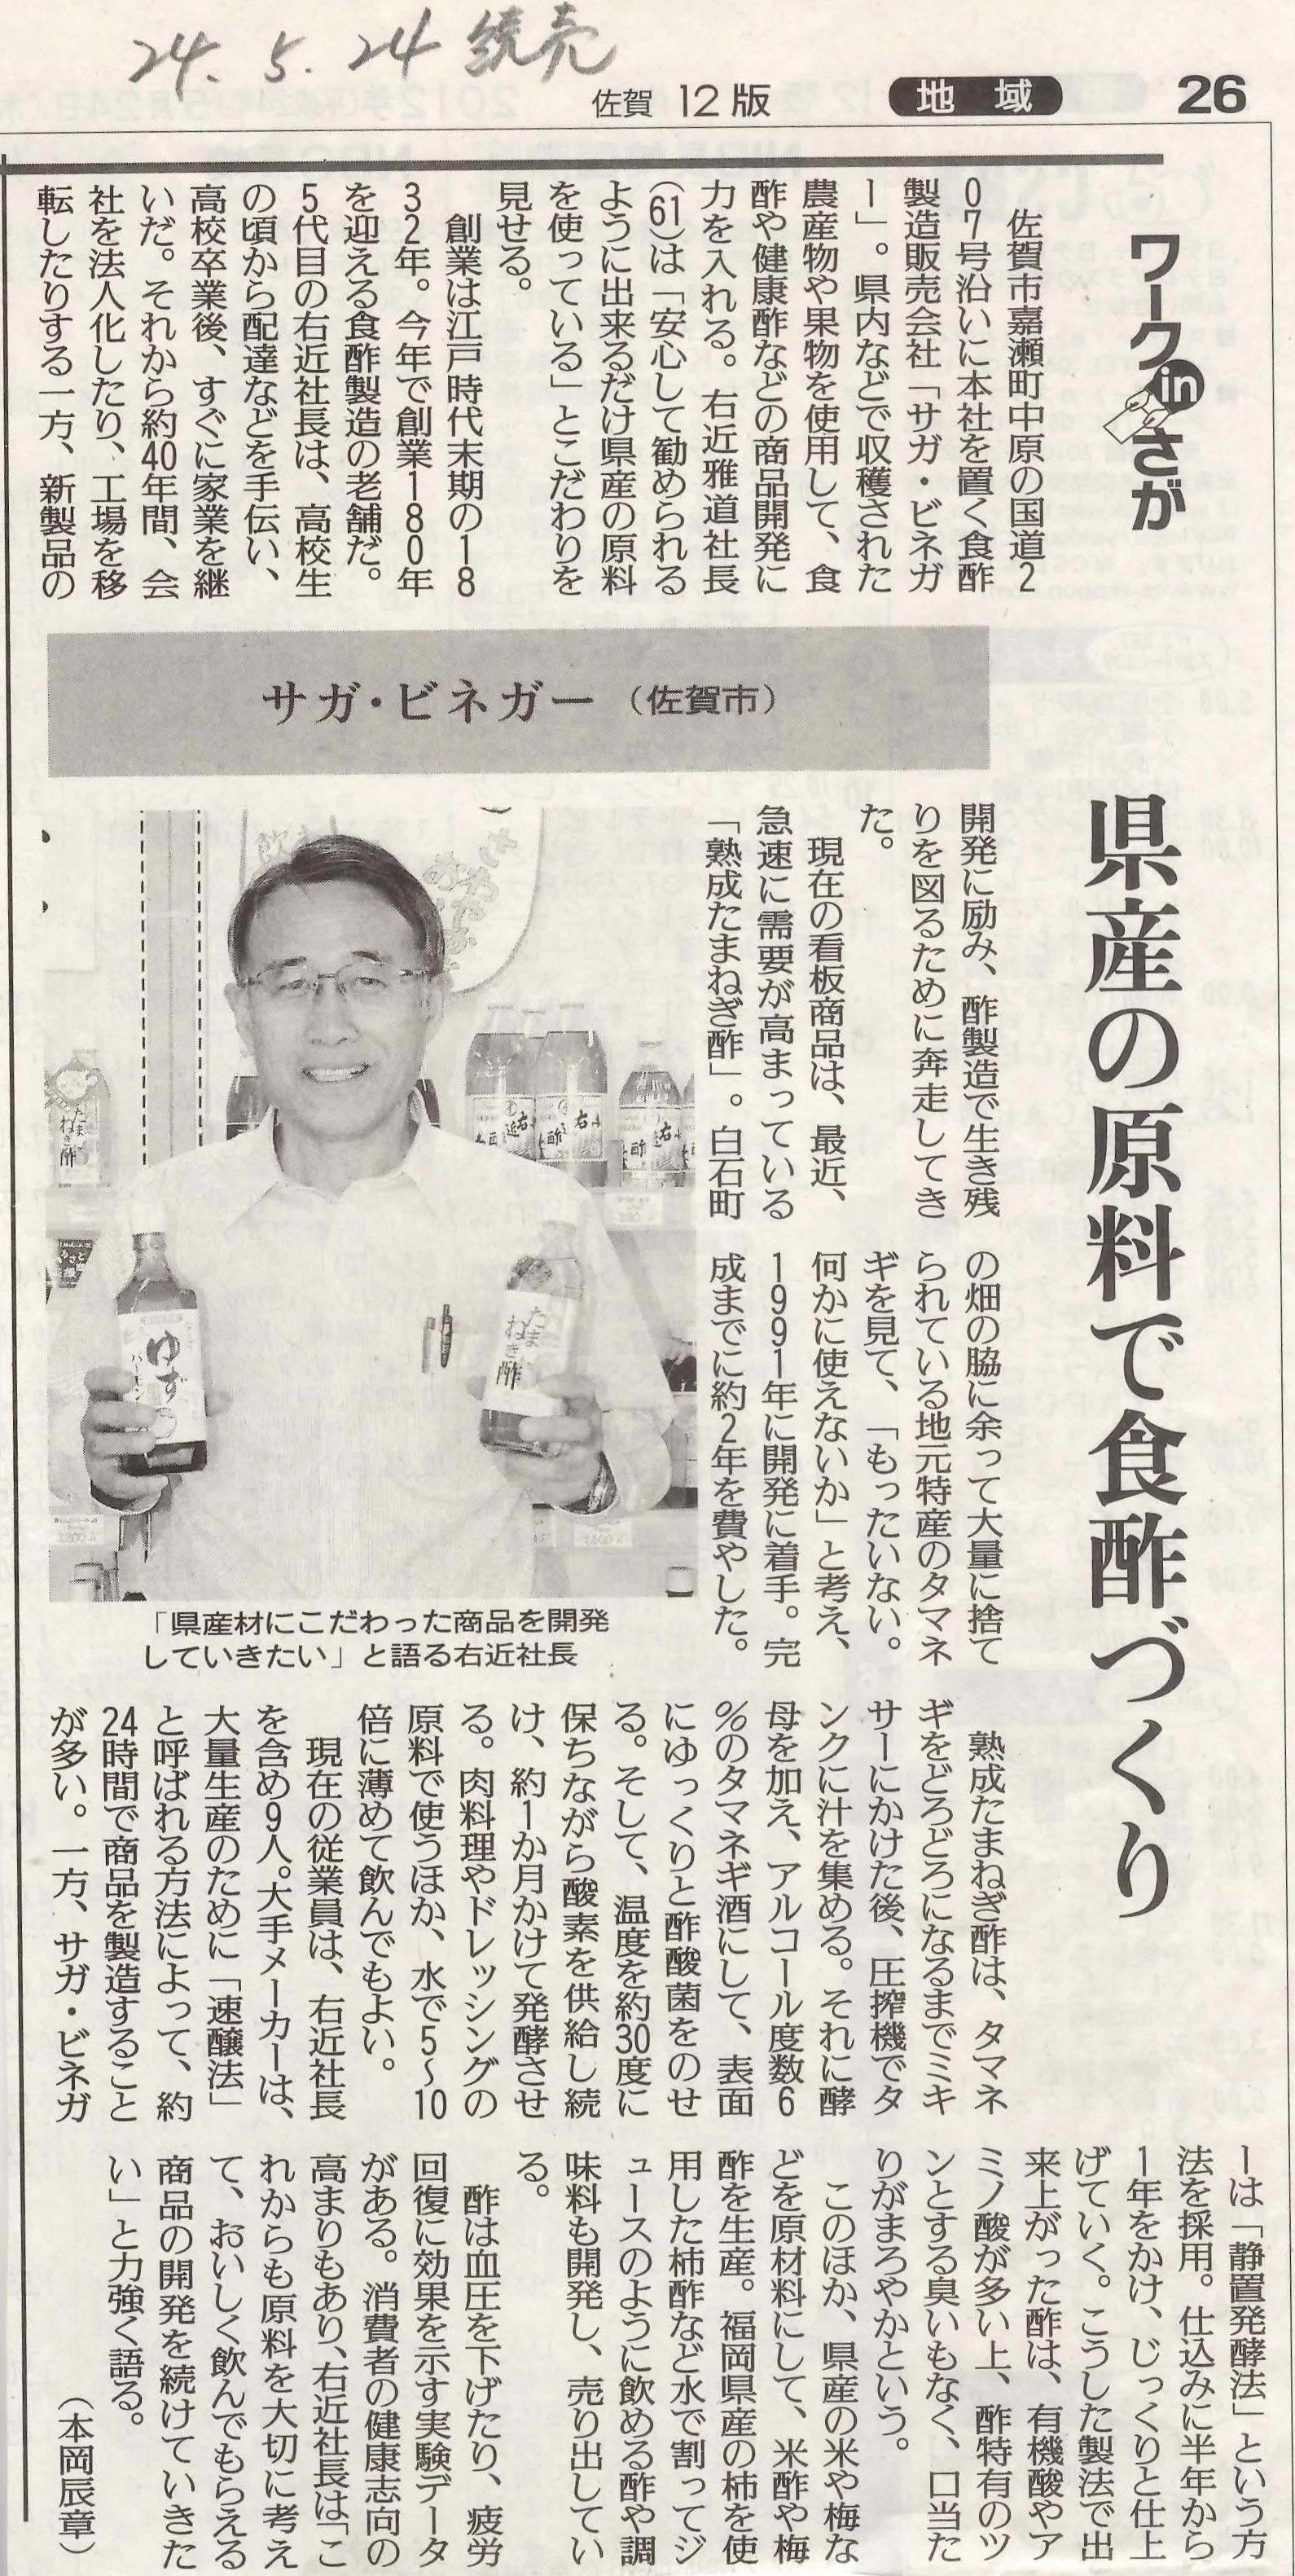 新聞掲載 2012年(平成24年)5月24日 読売新聞 「県産原料で食酢づくり」